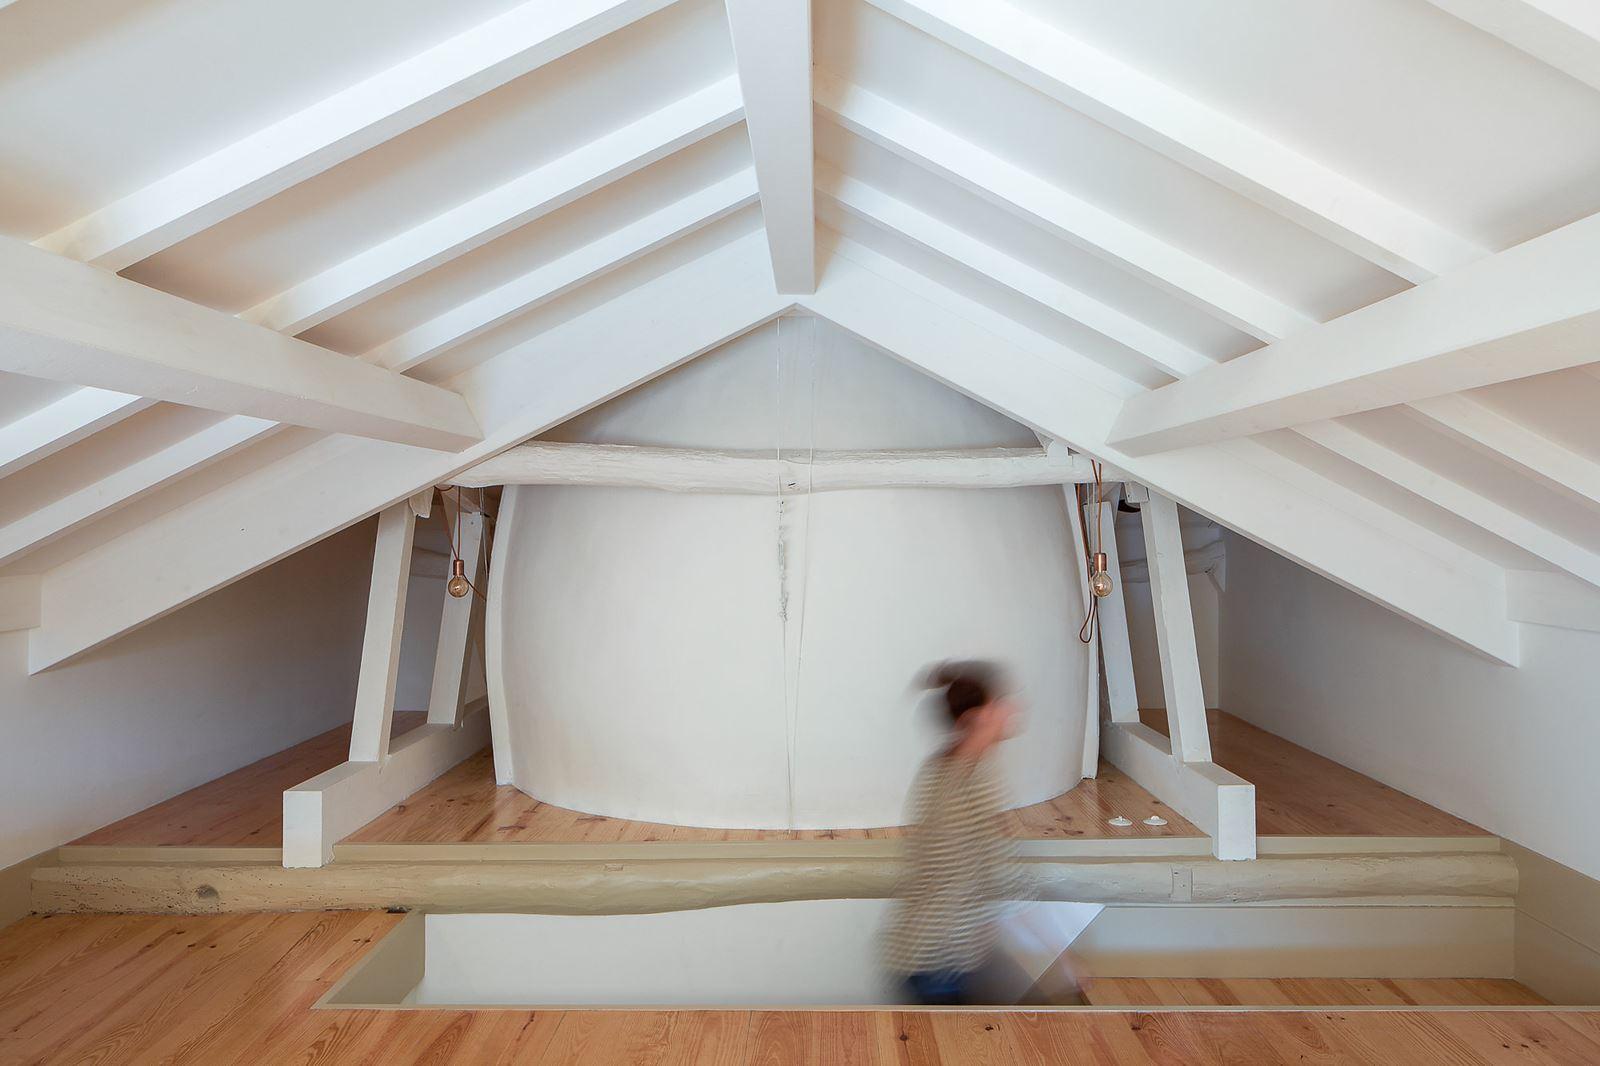 come fare solaio in legno in una piccola stanza : Non ? stato purtroppo possibile inserire una finestra per tetti ...